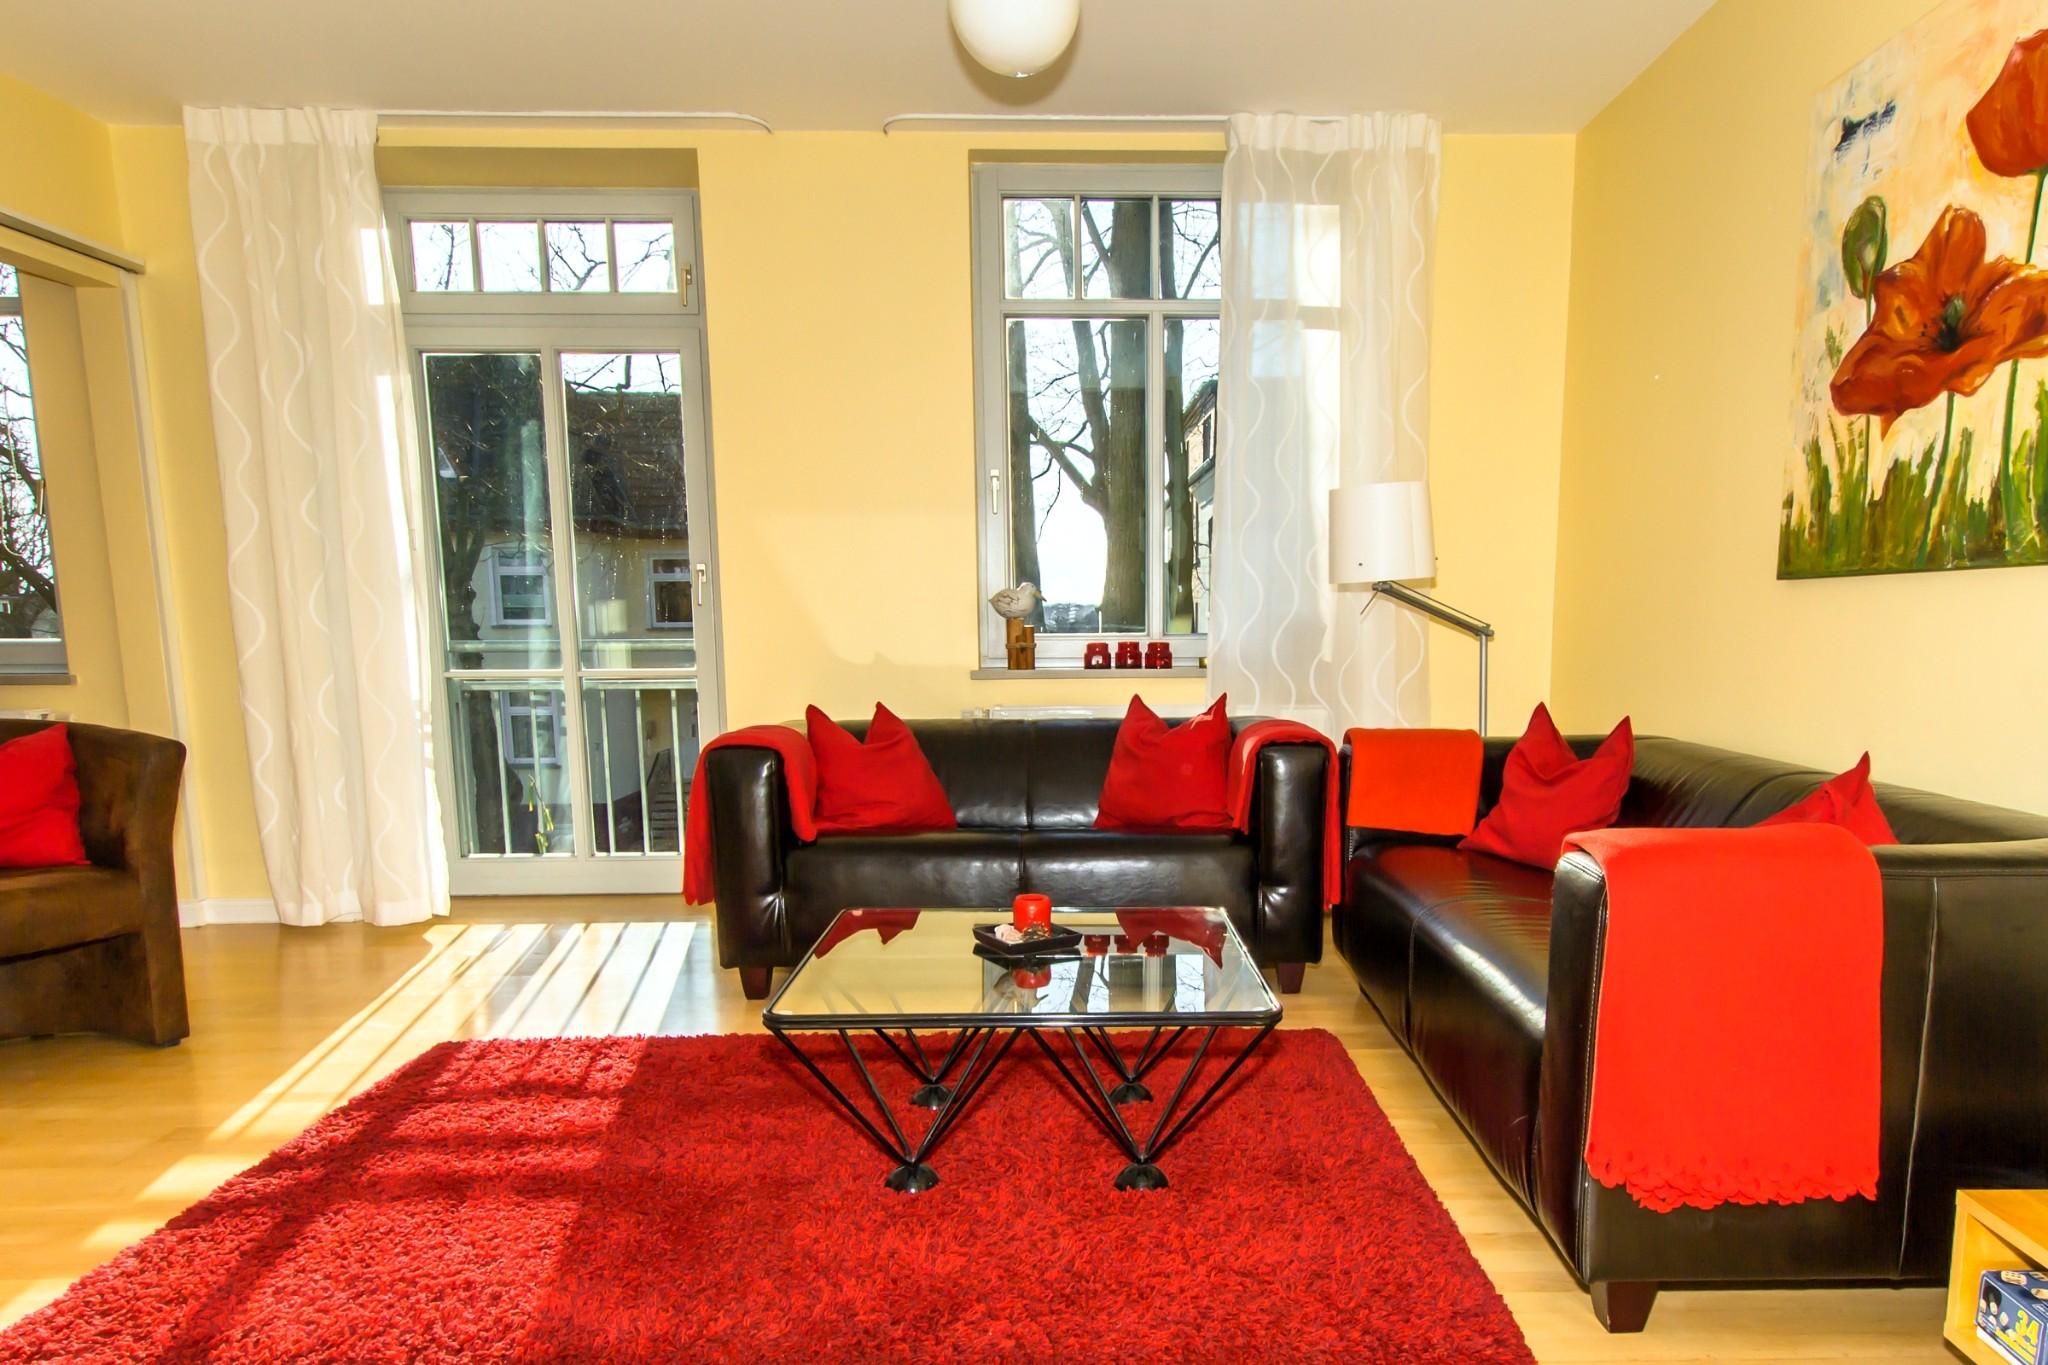 das gemütliche und komfortable Wohnzimmer ...